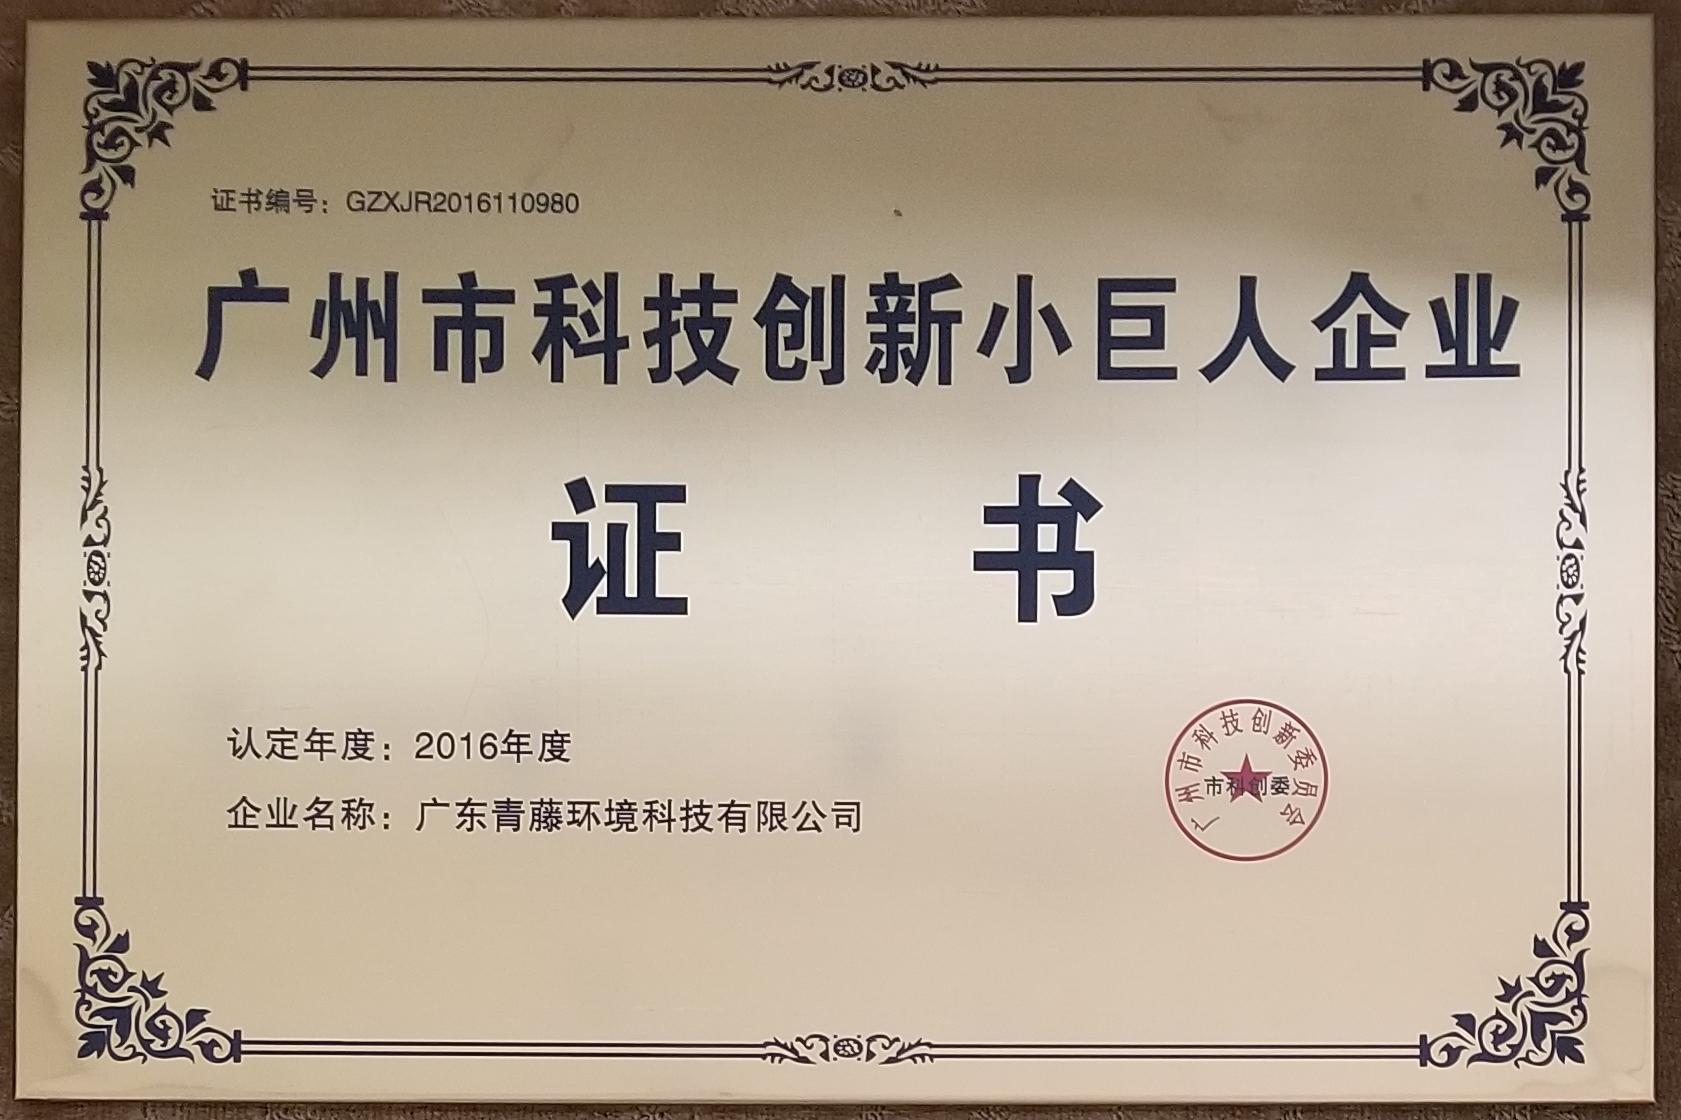 青藤环境广州市科技创新小巨人企业证书